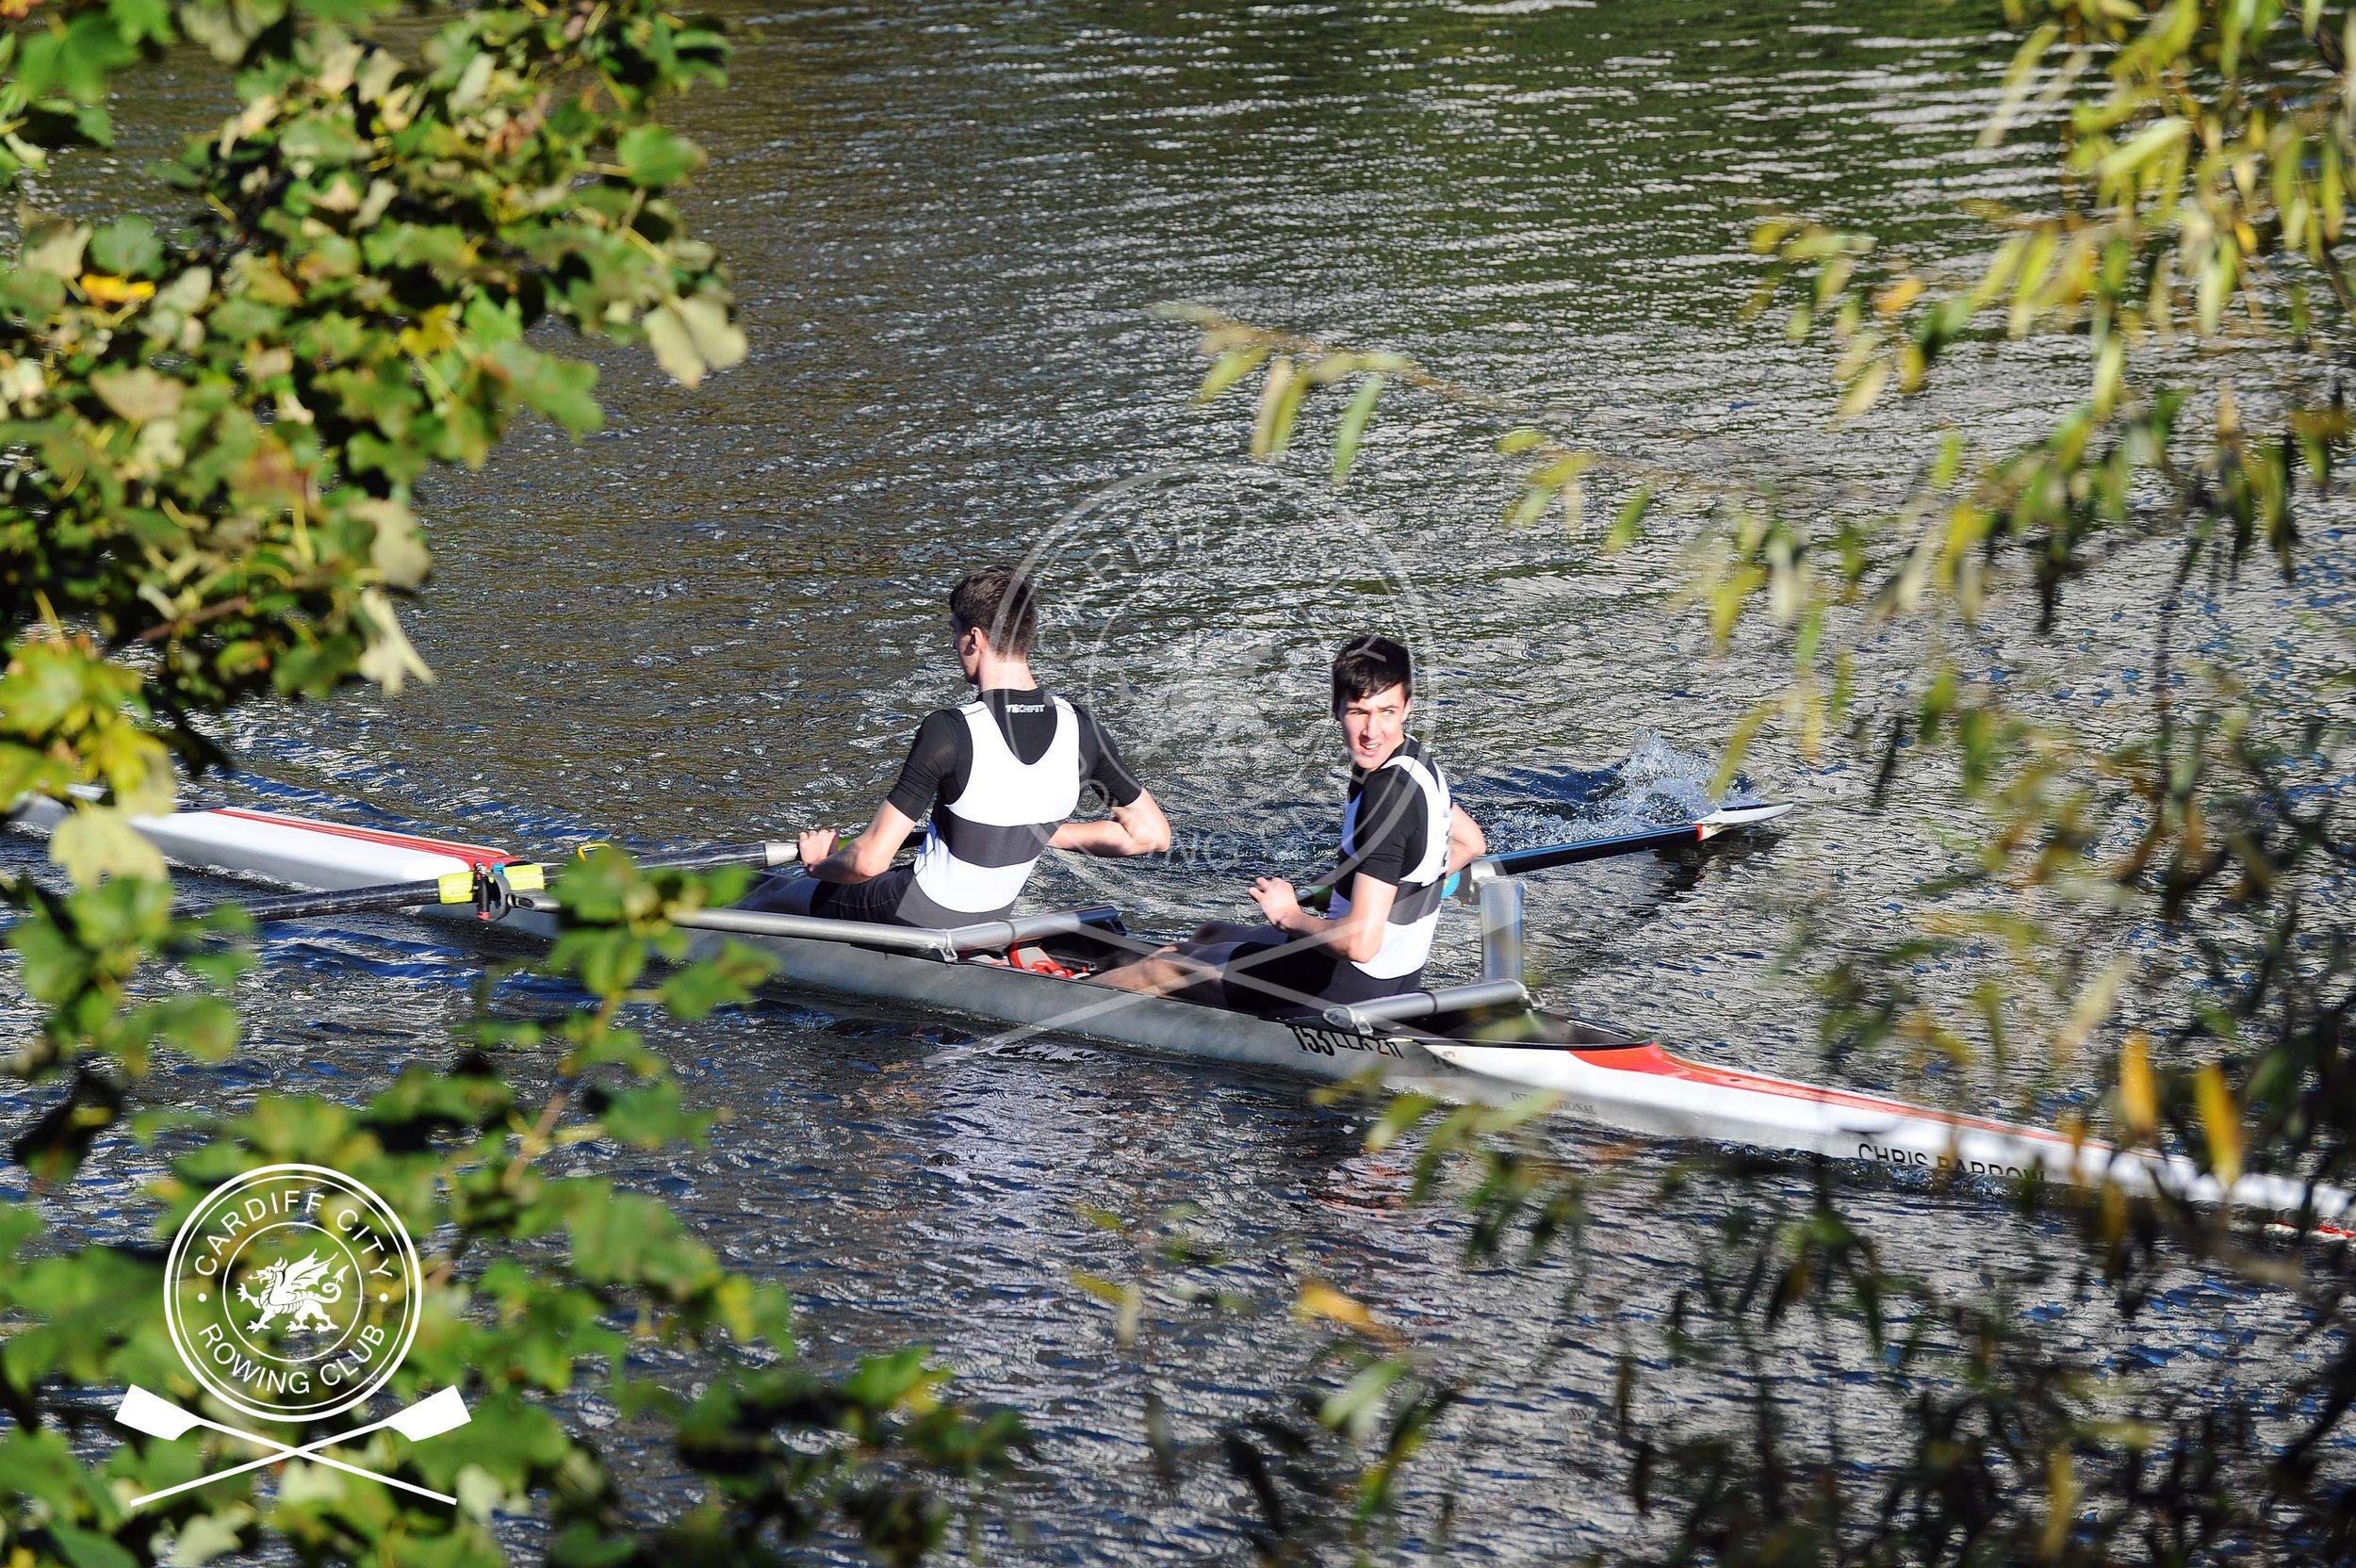 Cardiff_City_Head_Race_38.jpg